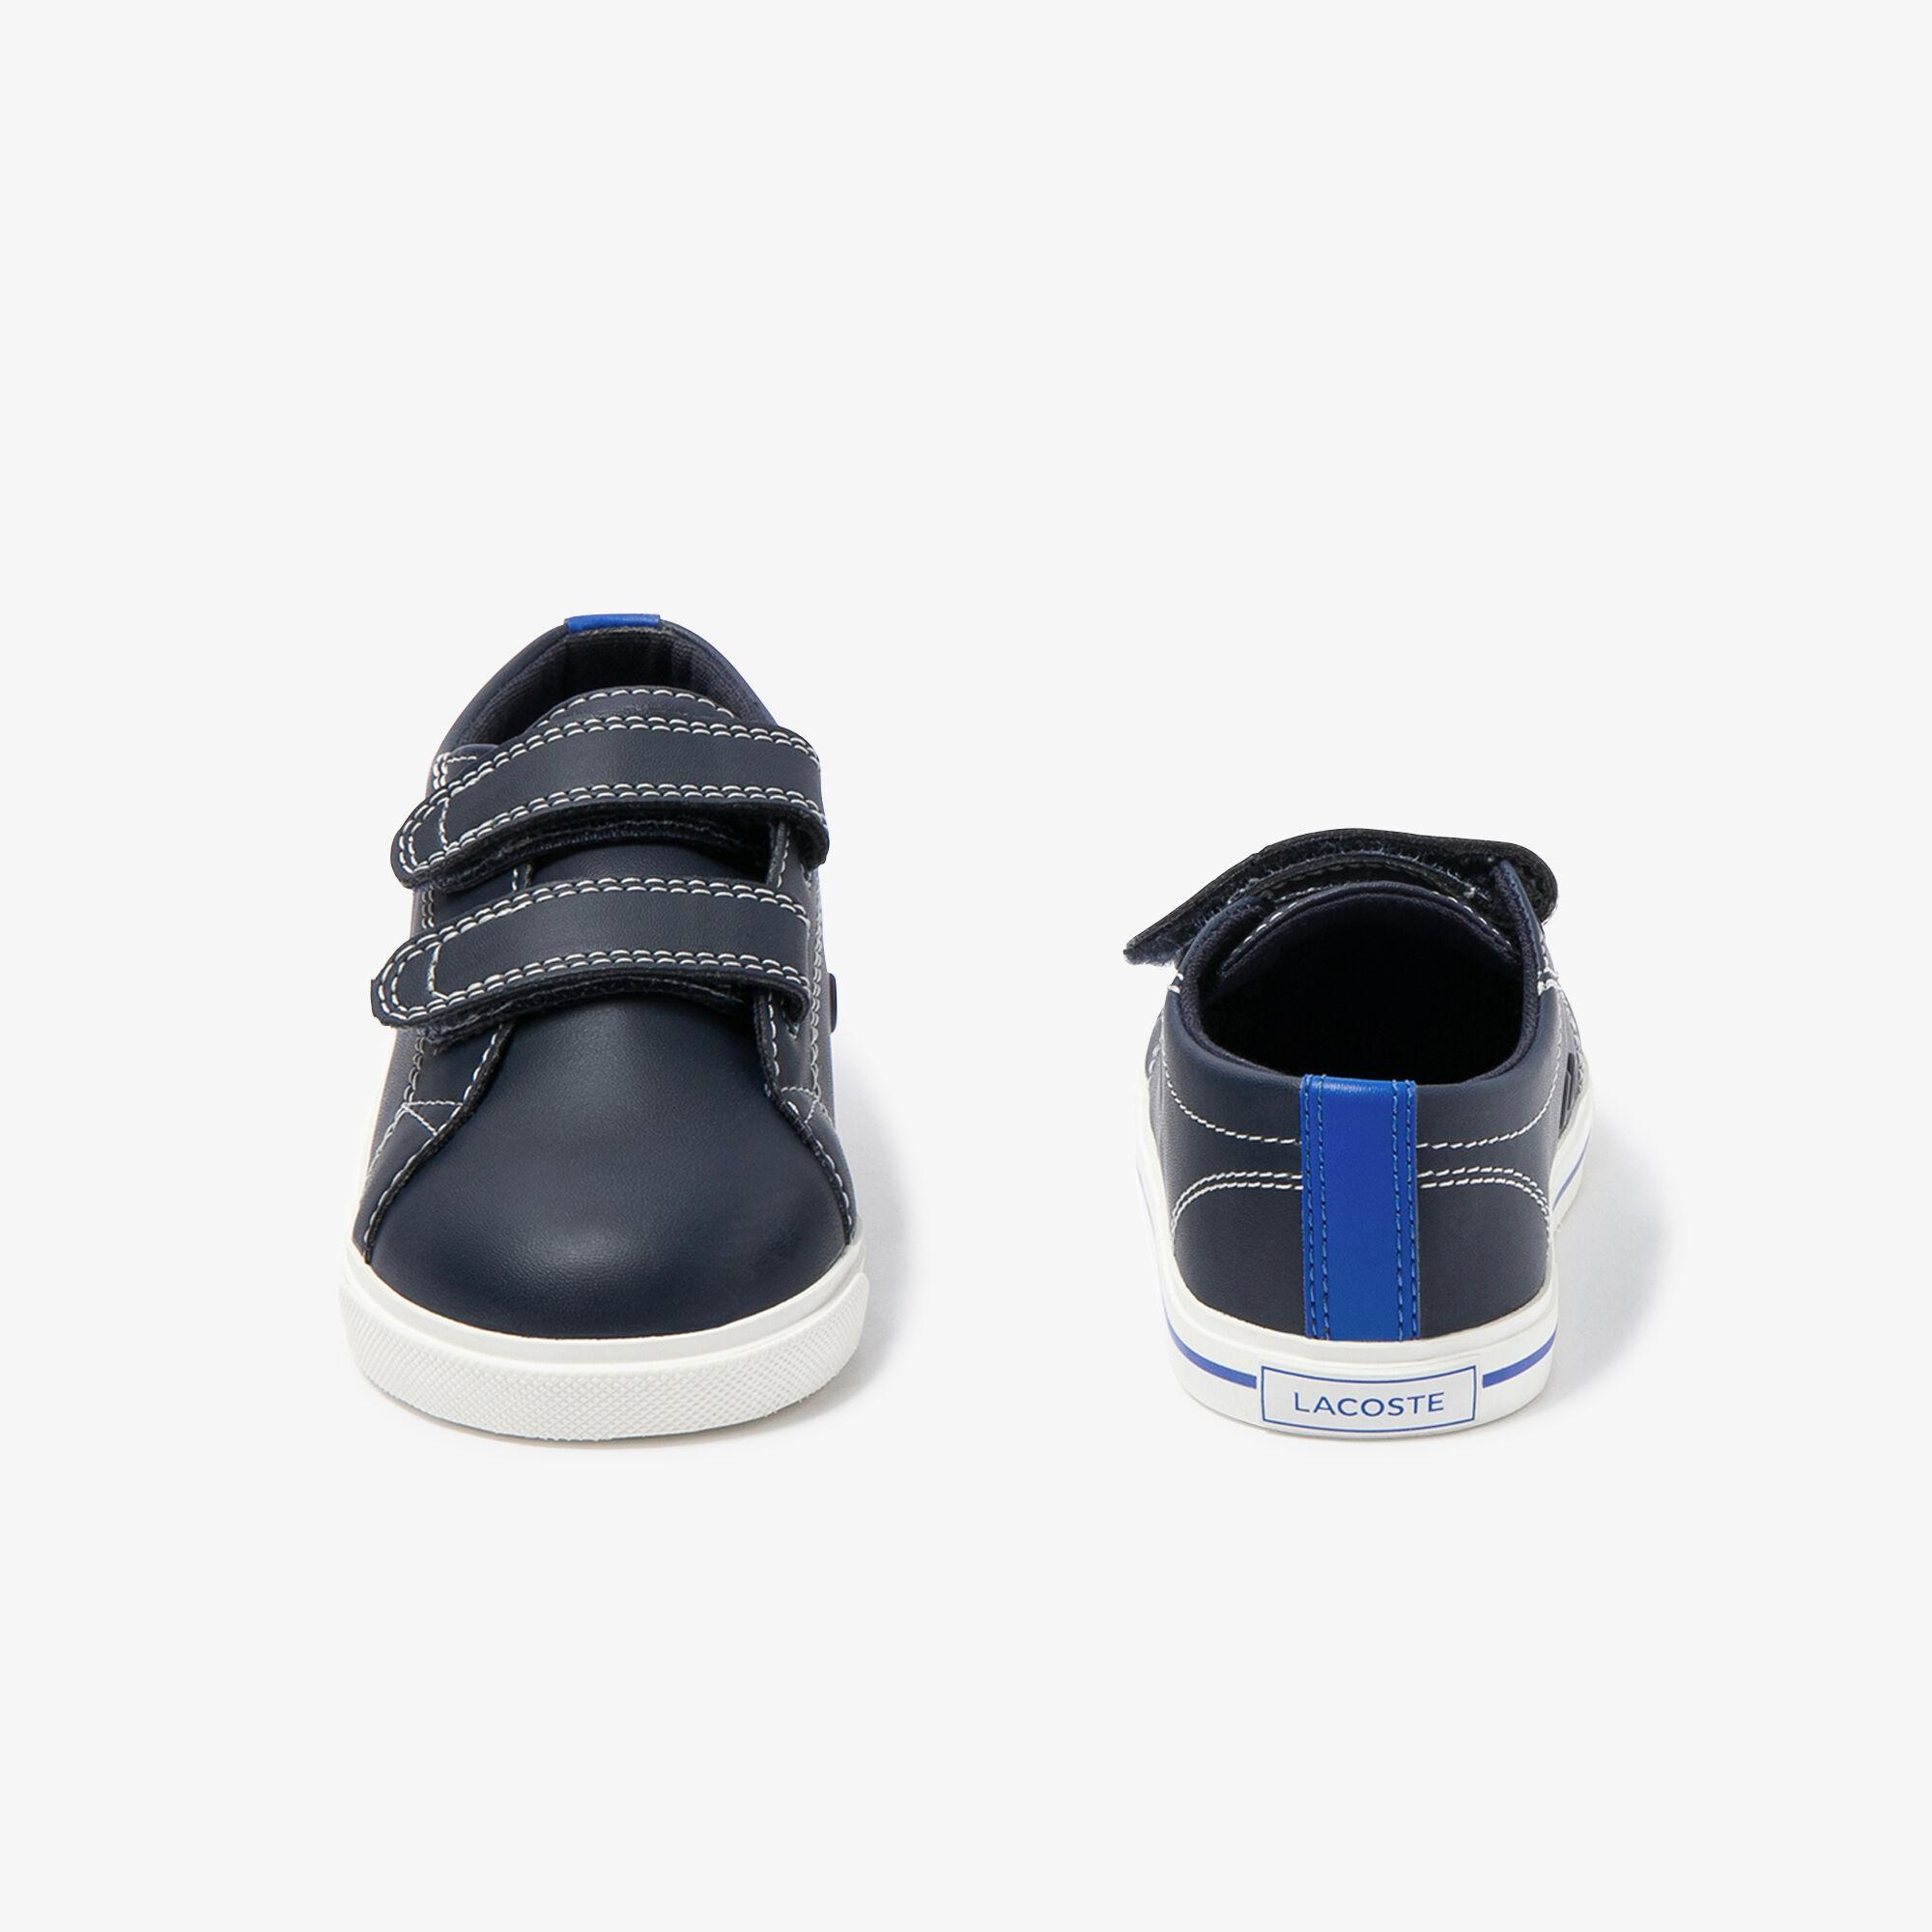 حذاءرياضي من المواد الاصطناعية من مجموعة Riberac للرٌضع